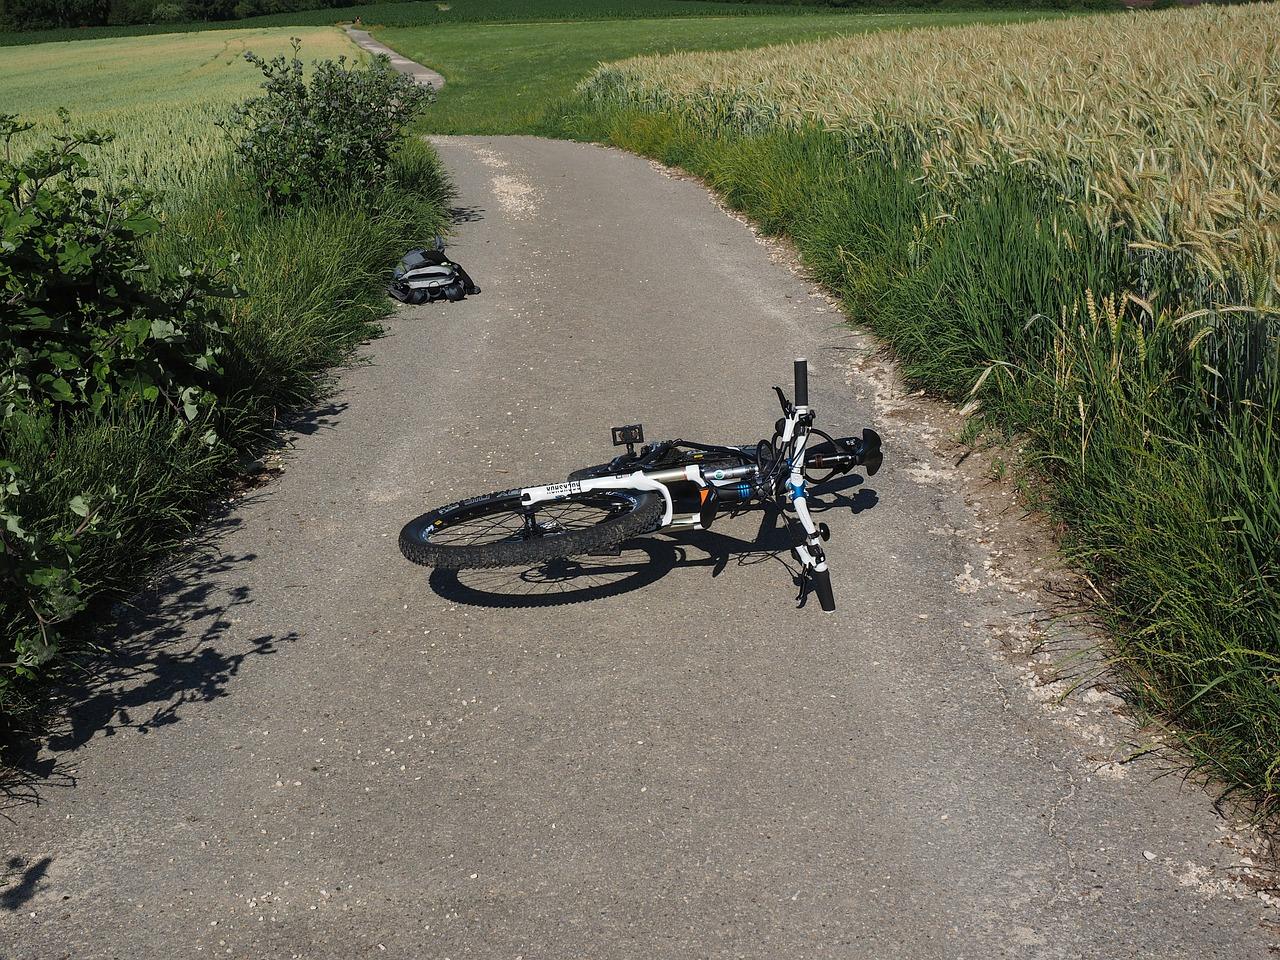 bike-592543_1280